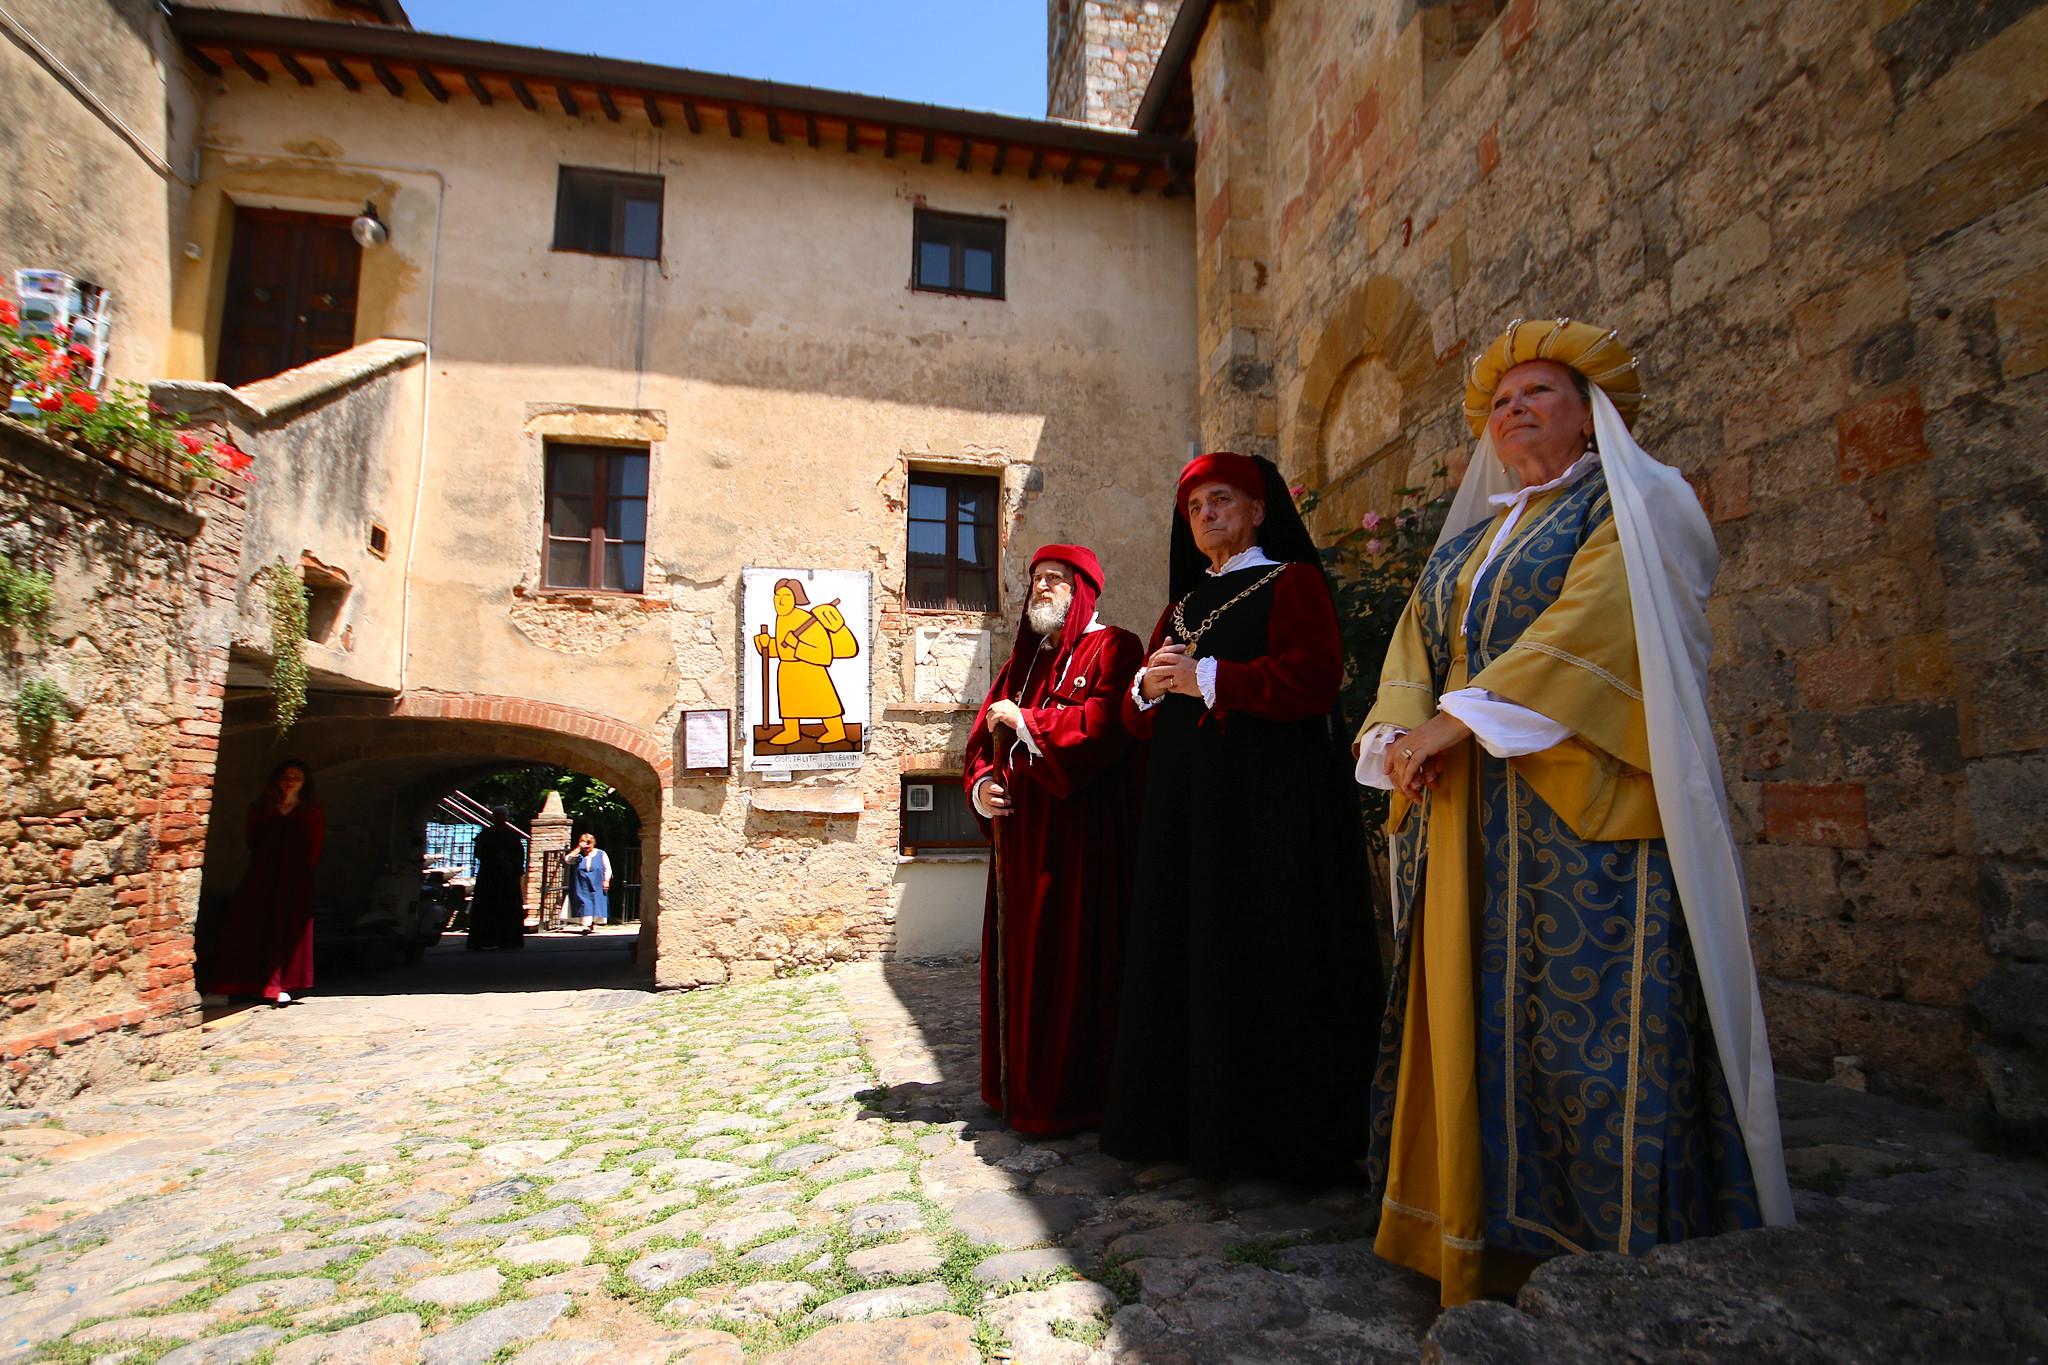 Medieval Feast in Monteriggioni [Photo Credits: Kin